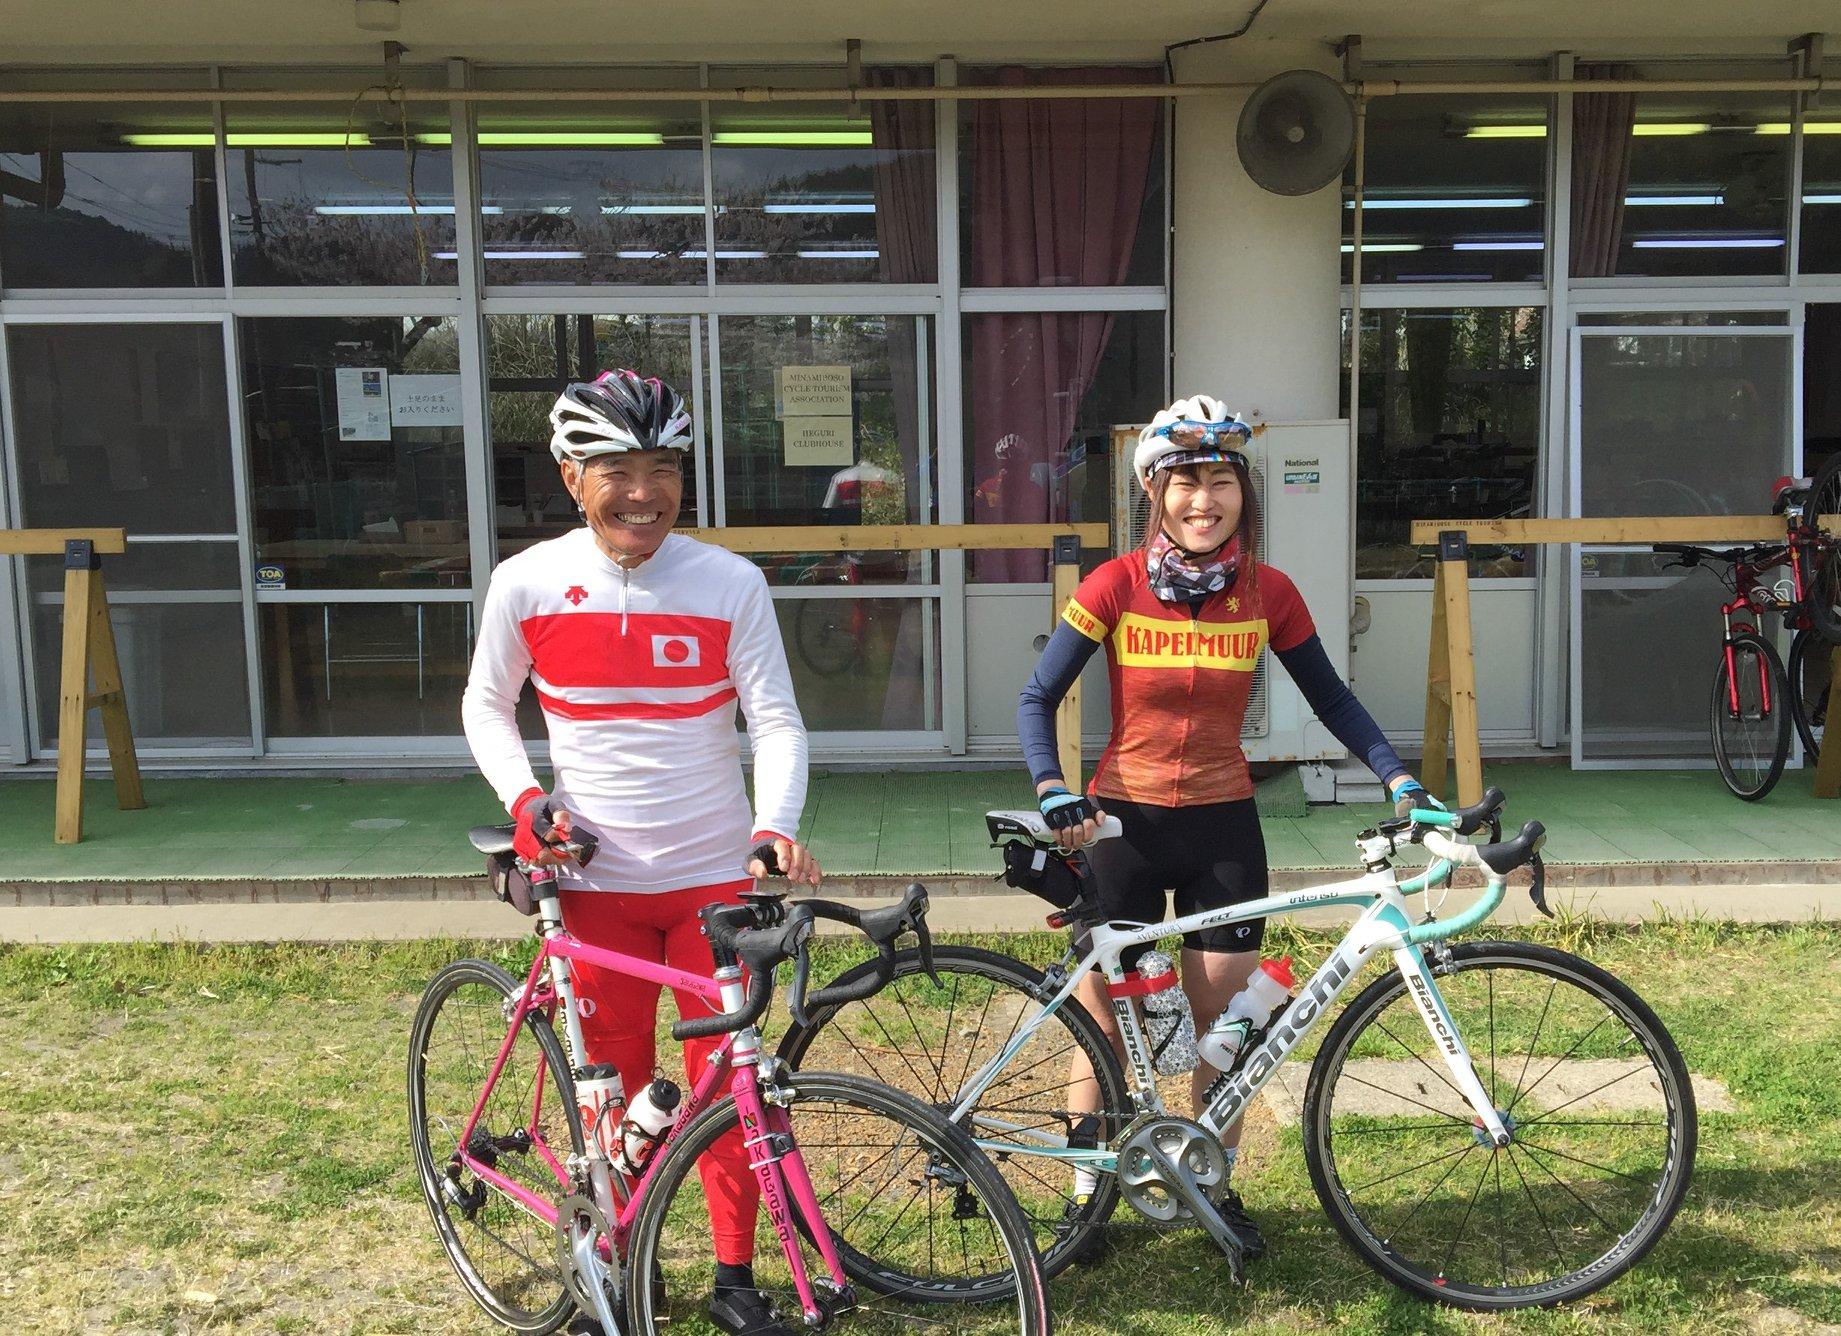 cycletourism_takahashi